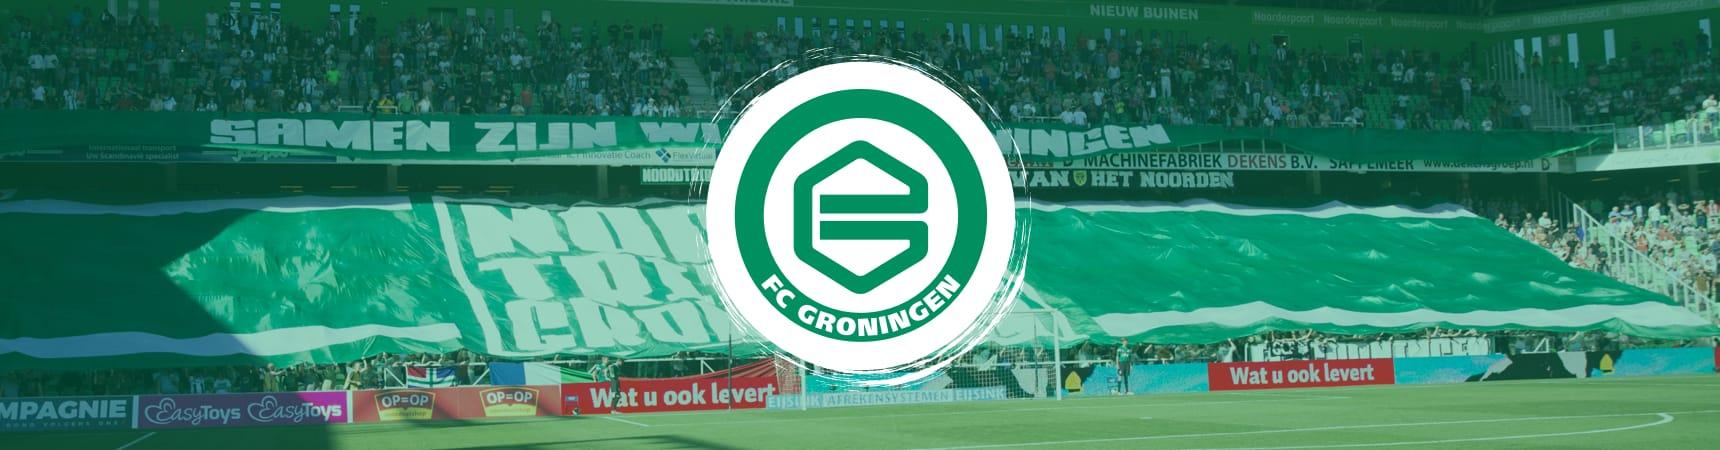 Fc Groningen Leon Huisman